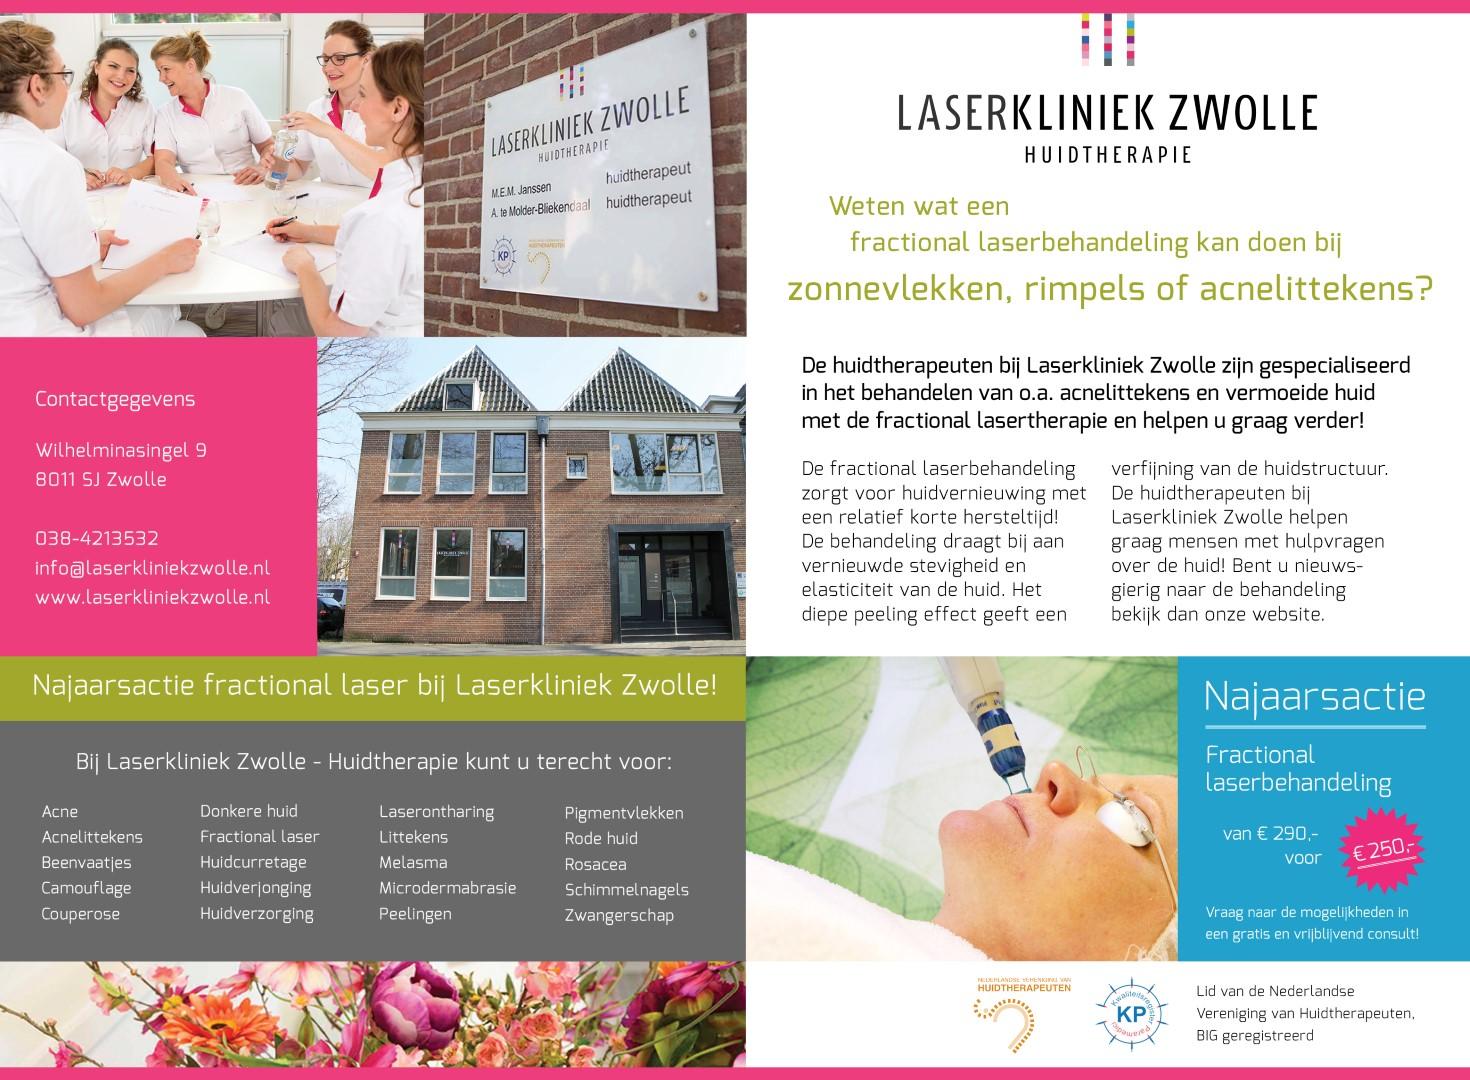 Najaarsactie Fractional Laser bij Laserkliniek Zwolle.